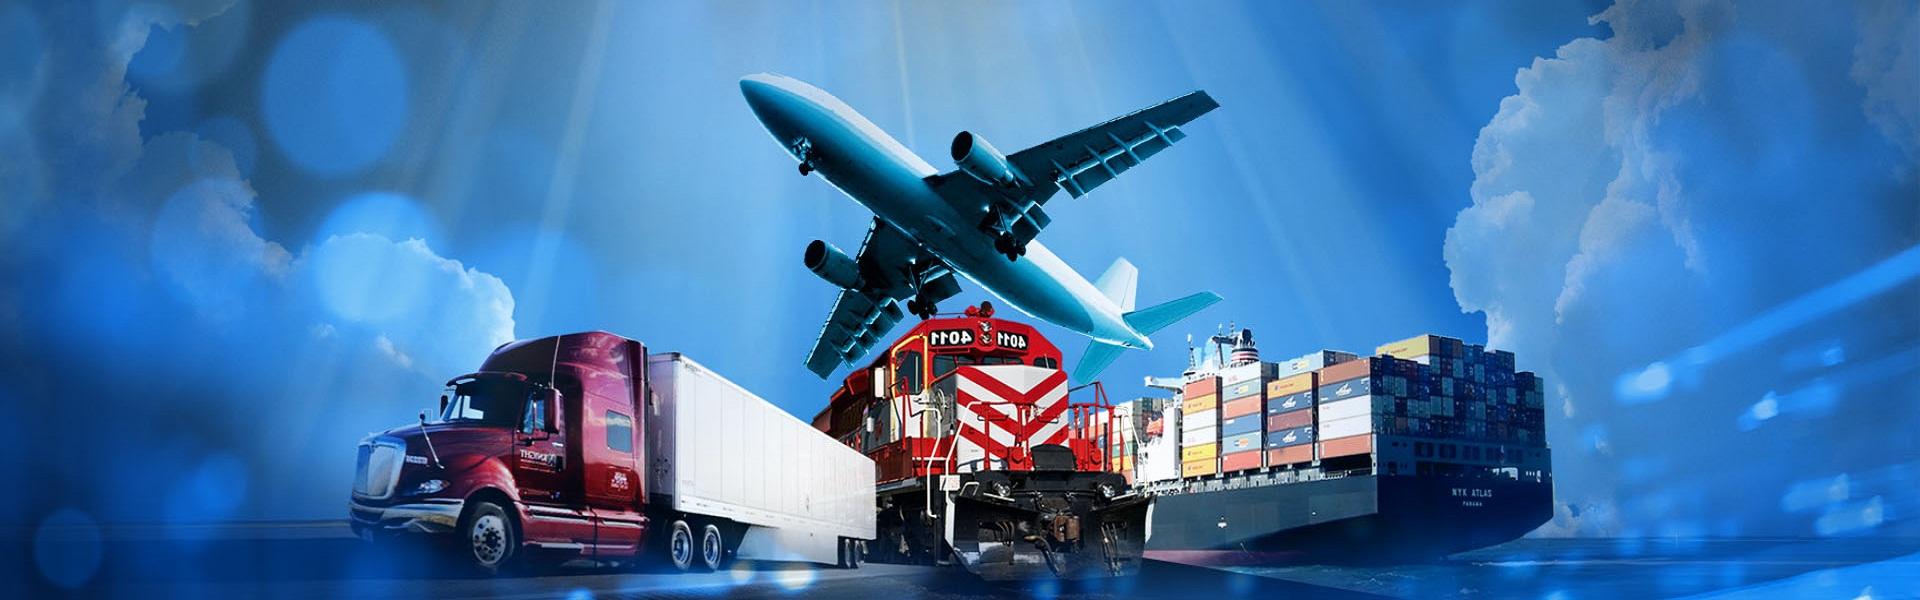 P3B Global Logistics